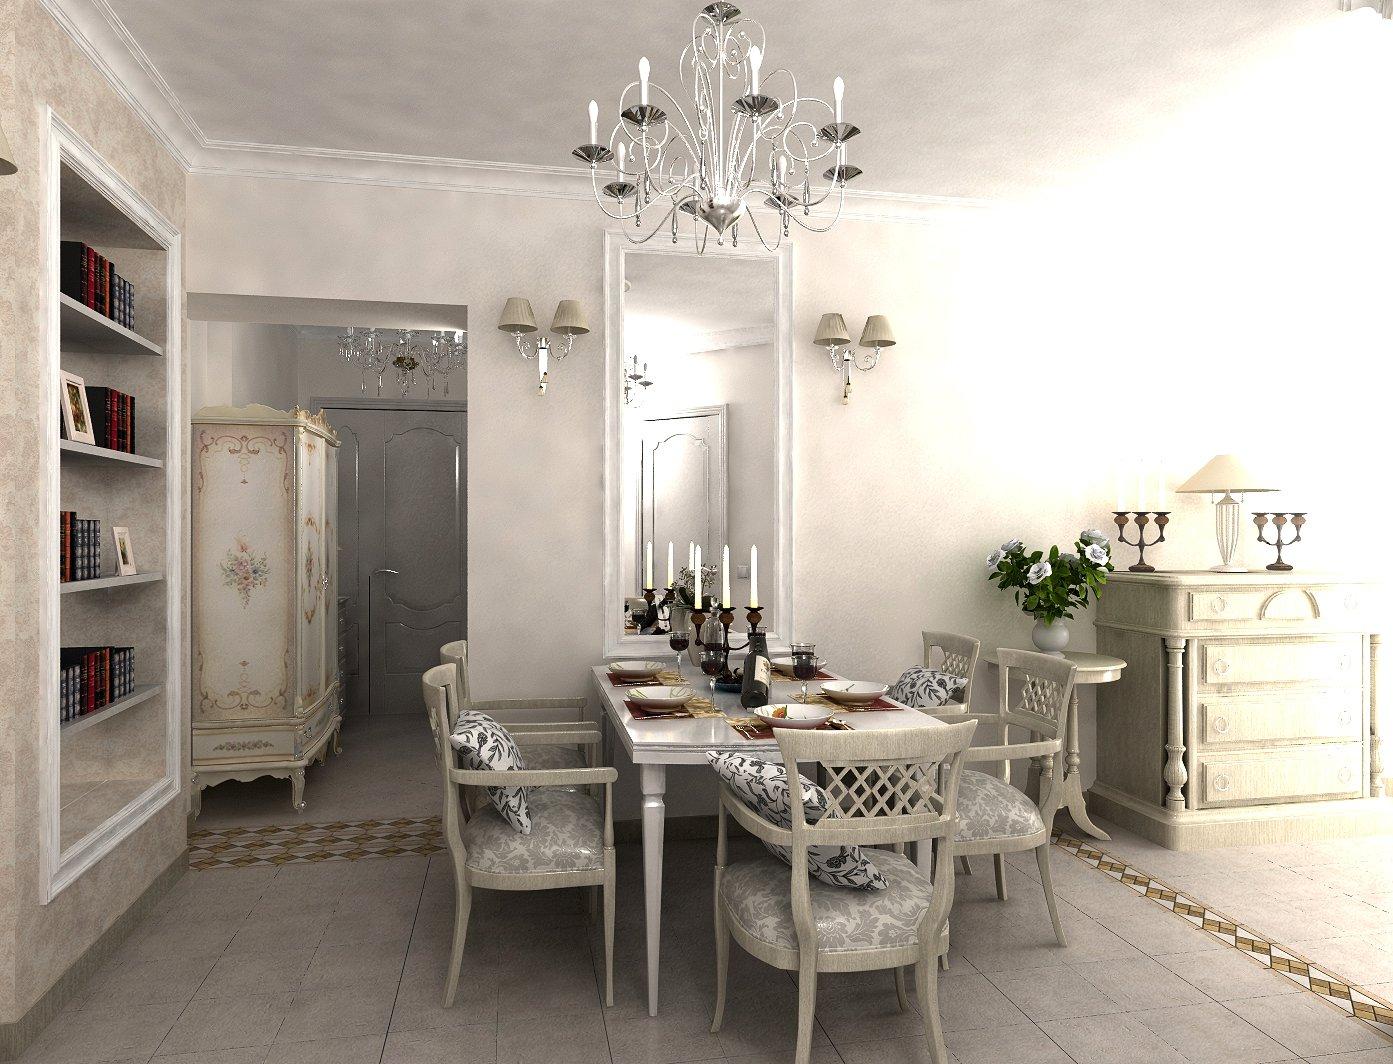 Гостиная в стиле прованс фото интерьер своими руками